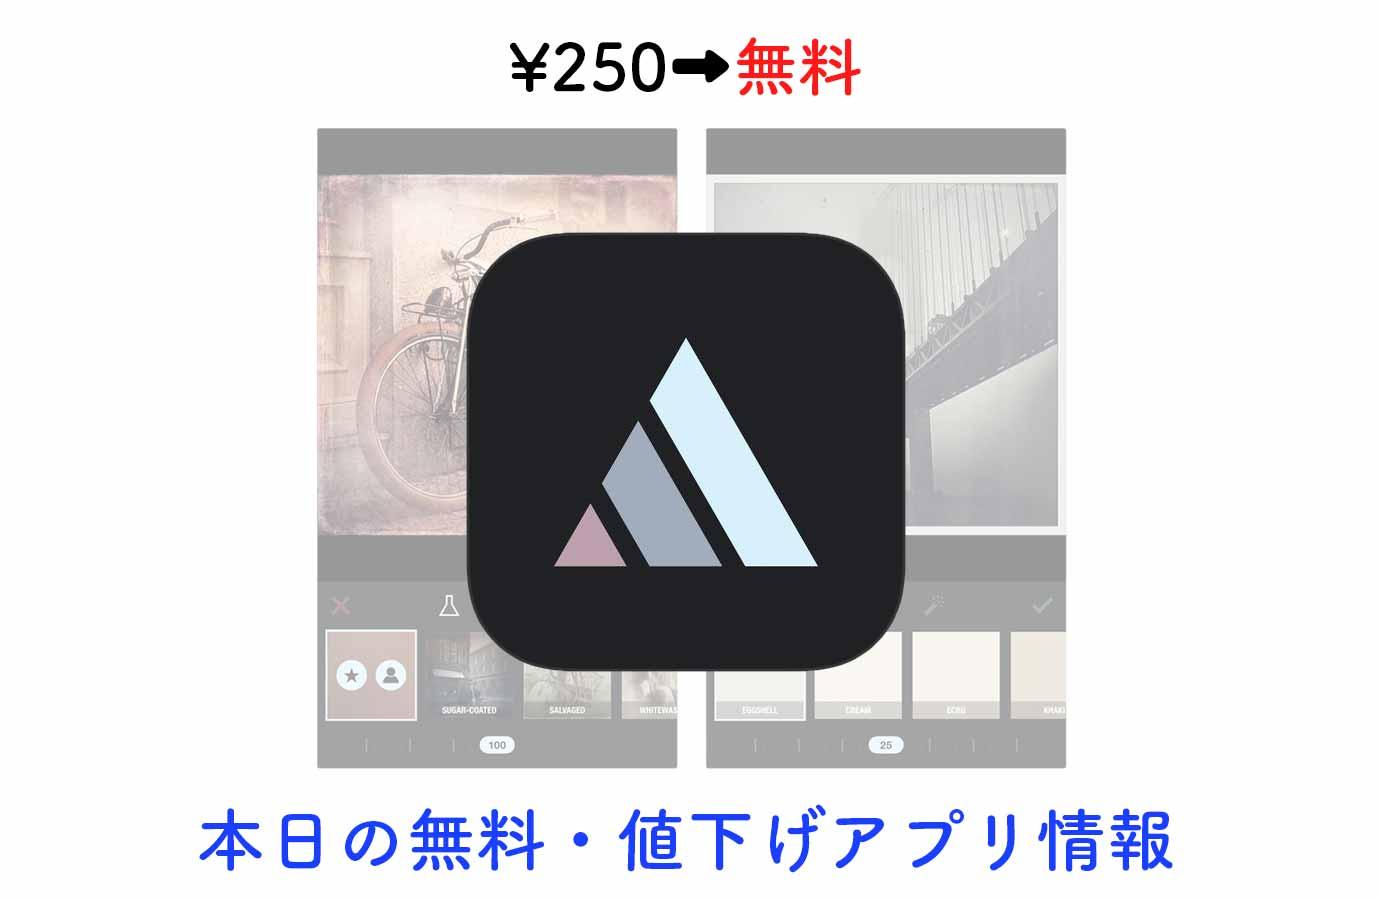 ¥250→無料、写真をレトロ風の加工できるアプリ「Formulas」など【8/7】本日の無料・値下げアプリ情報